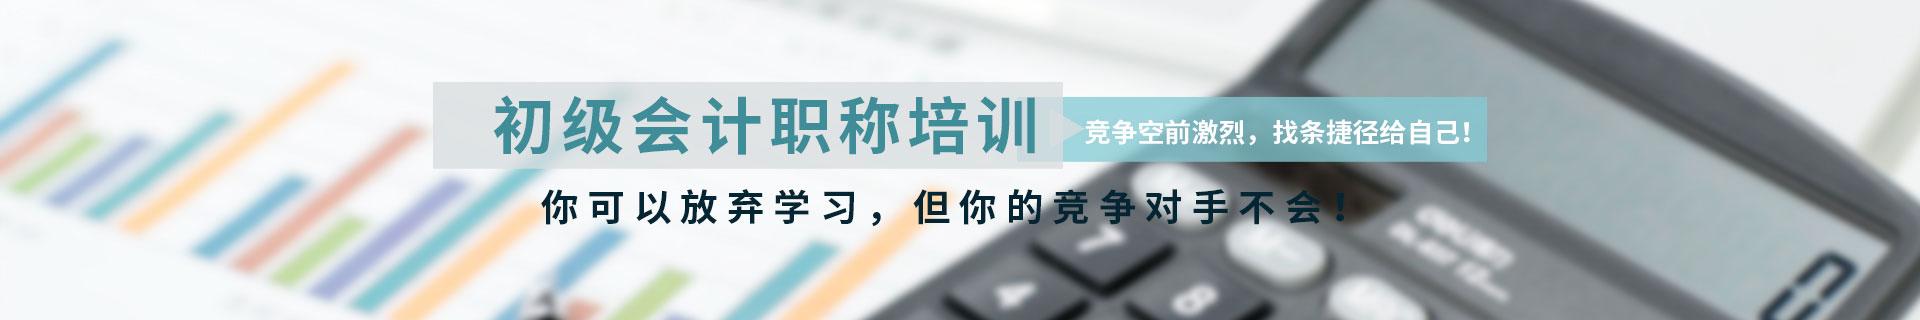 高顿财经深圳校区